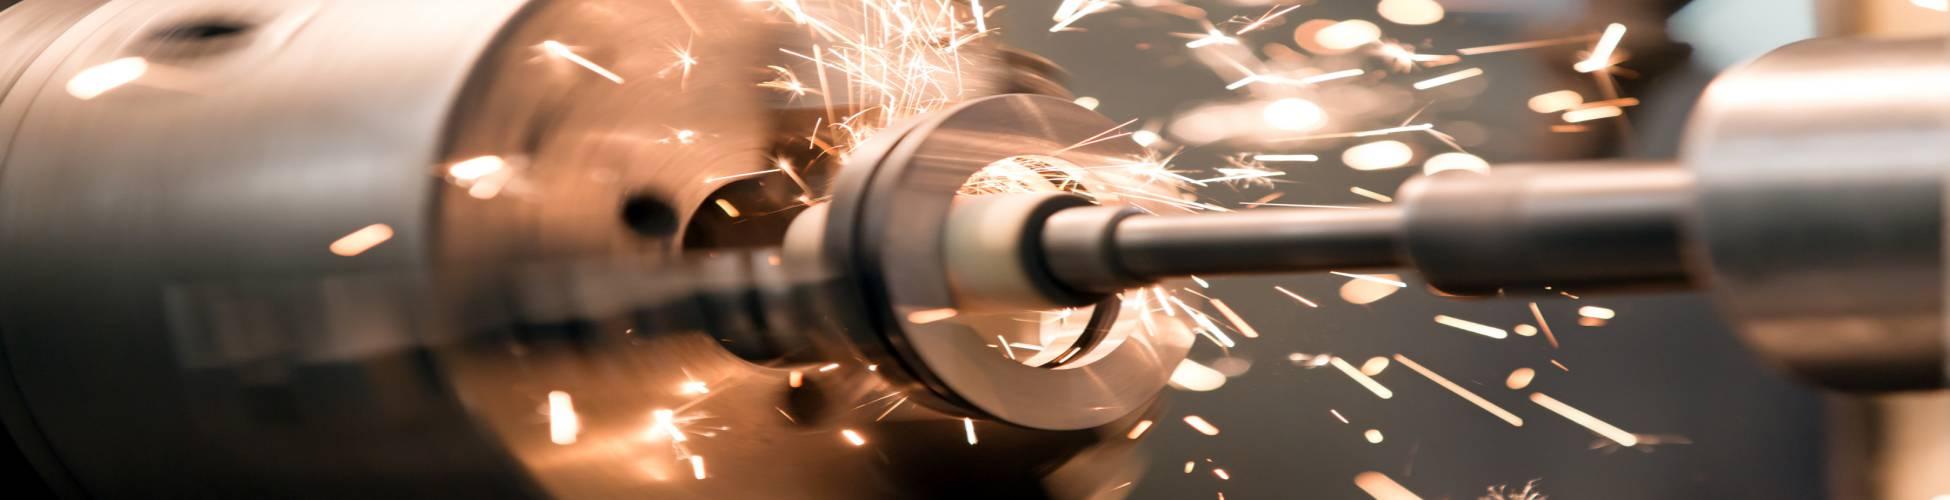 CNC Milling Parts Banner